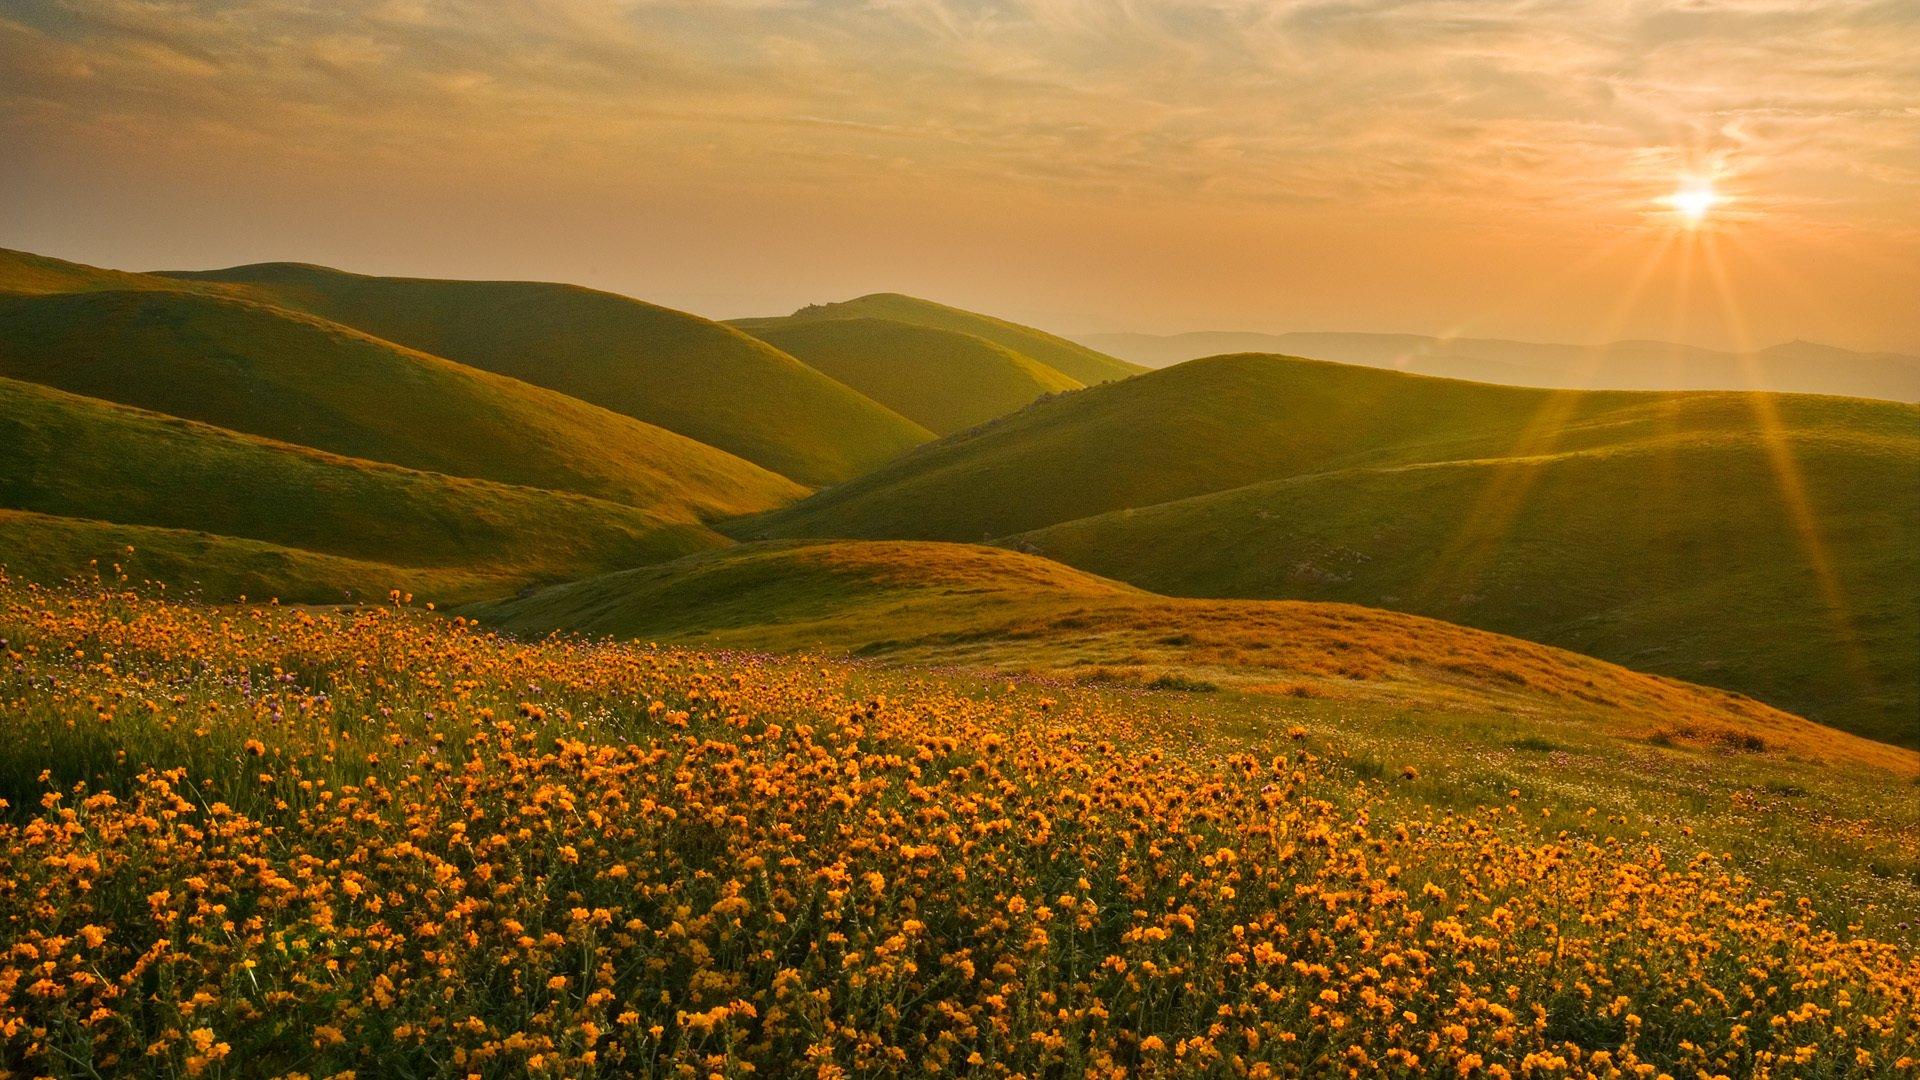 закат горы холмы sunset mountains hills в хорошем качестве